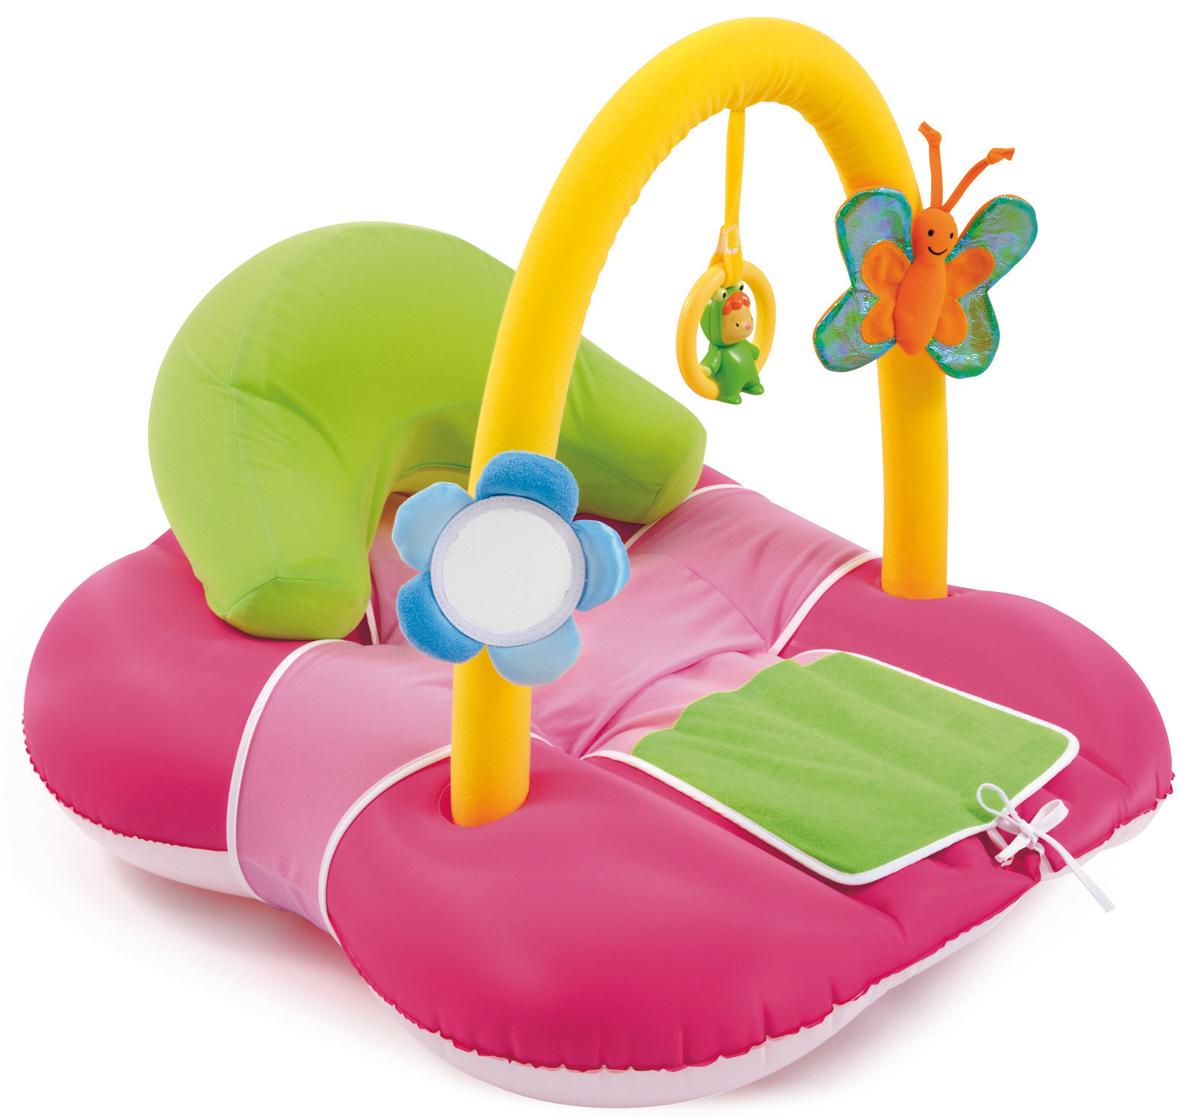 Smoby Коврик надувной Evolutiv Cocoon цвет розовый211279_розовыйКоврик надувной Smoby Evolutiv Cocoon, произведенный из высокопрочных материалов, окрашенный нетоксичными красками, предназначен для детей с рождения. Изделие представляет собой надувной коврик с приятным тканевым покрытием, со съемной мягкой дугой с 3 игрушками. На дуге закреплены: цветочек-зеркальце на липучке, в которое малыш сможет изучать себя более детально, колечко-погремушка с персонажем Cotoons, которое может служить прорезывателем и бабочка на липучке с шуршащими крылышками. Пока малыш весело играет на ярком и красочном надувном коврике, мама может заняться своими делами. Ребенок может лежать, смотреть и трогать игрушки, закрепленные на дуге. Для детей с 8 месяцев на коврике предусмотрена надувная подушка, которую при необходимости можно надуть. Удобный коврик развивает хватательный рефлекс и моторику рук, тренирует зрительные, слуховые и тактильные функции, помогает при прорезывании зубов. Надувной коврик легко сдувается, не...